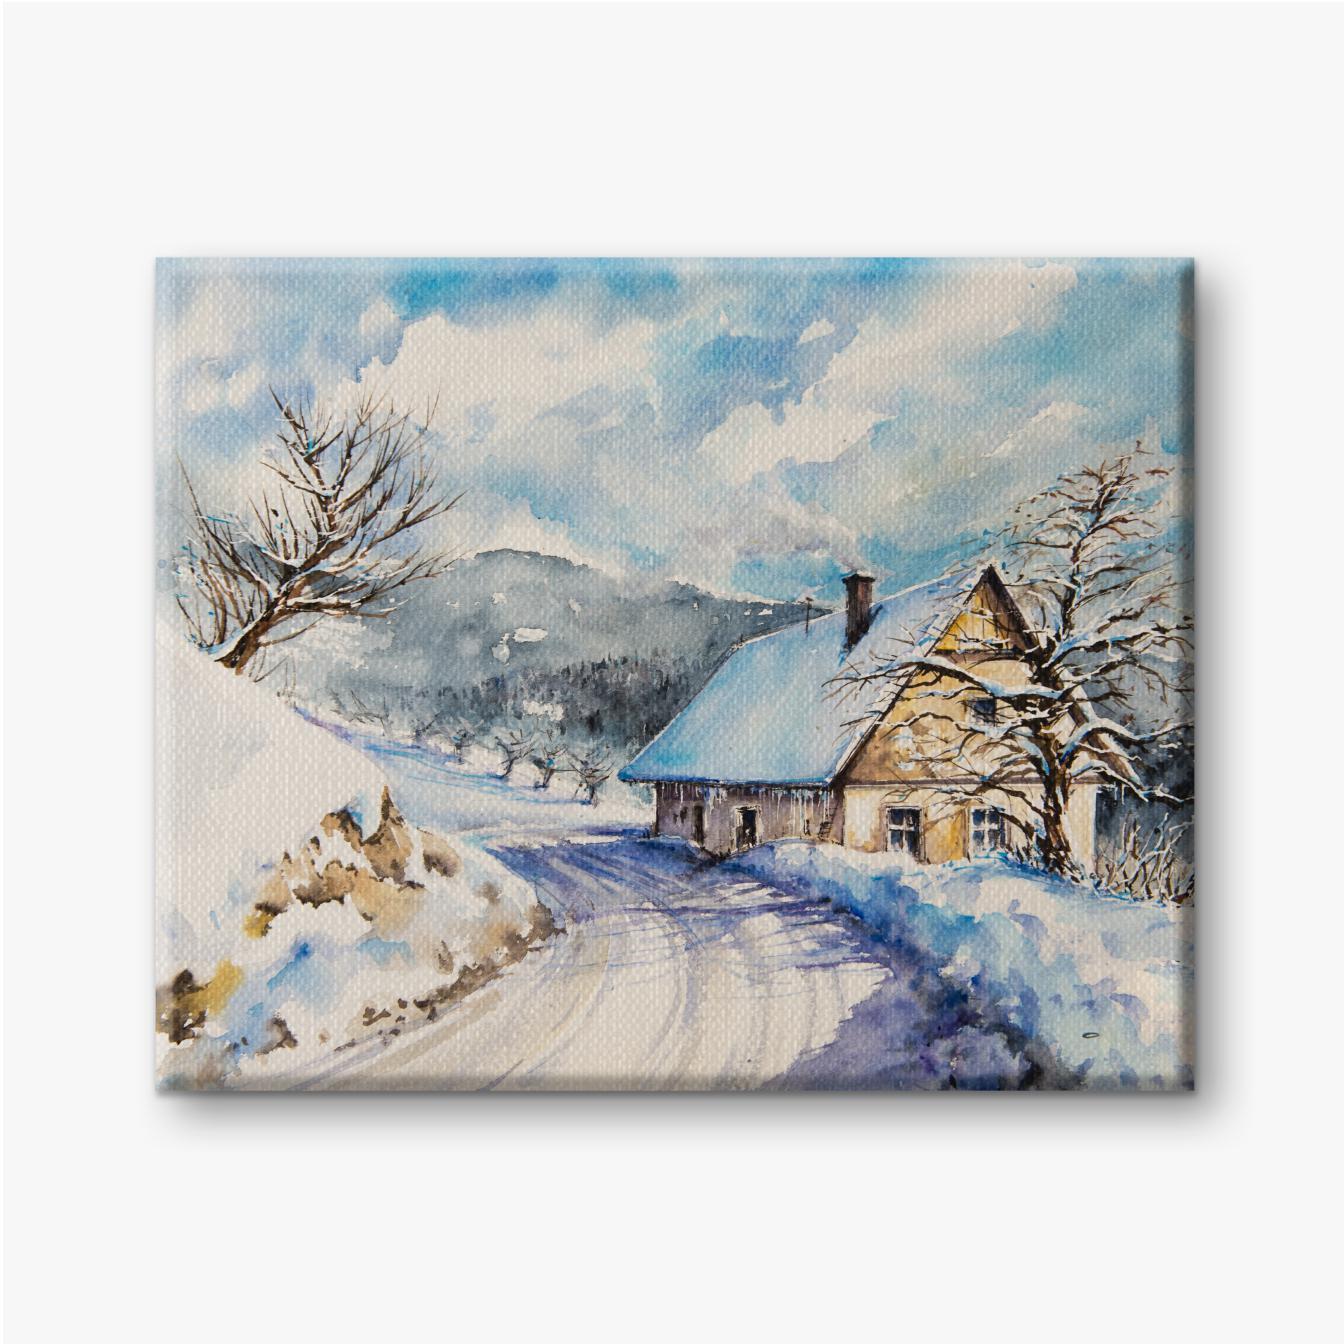 Winterlandschaft mit altem Haus in den Bergen nahe der mit Schnee bedeckten Straße. Bild mit Aquarellen erstellt.